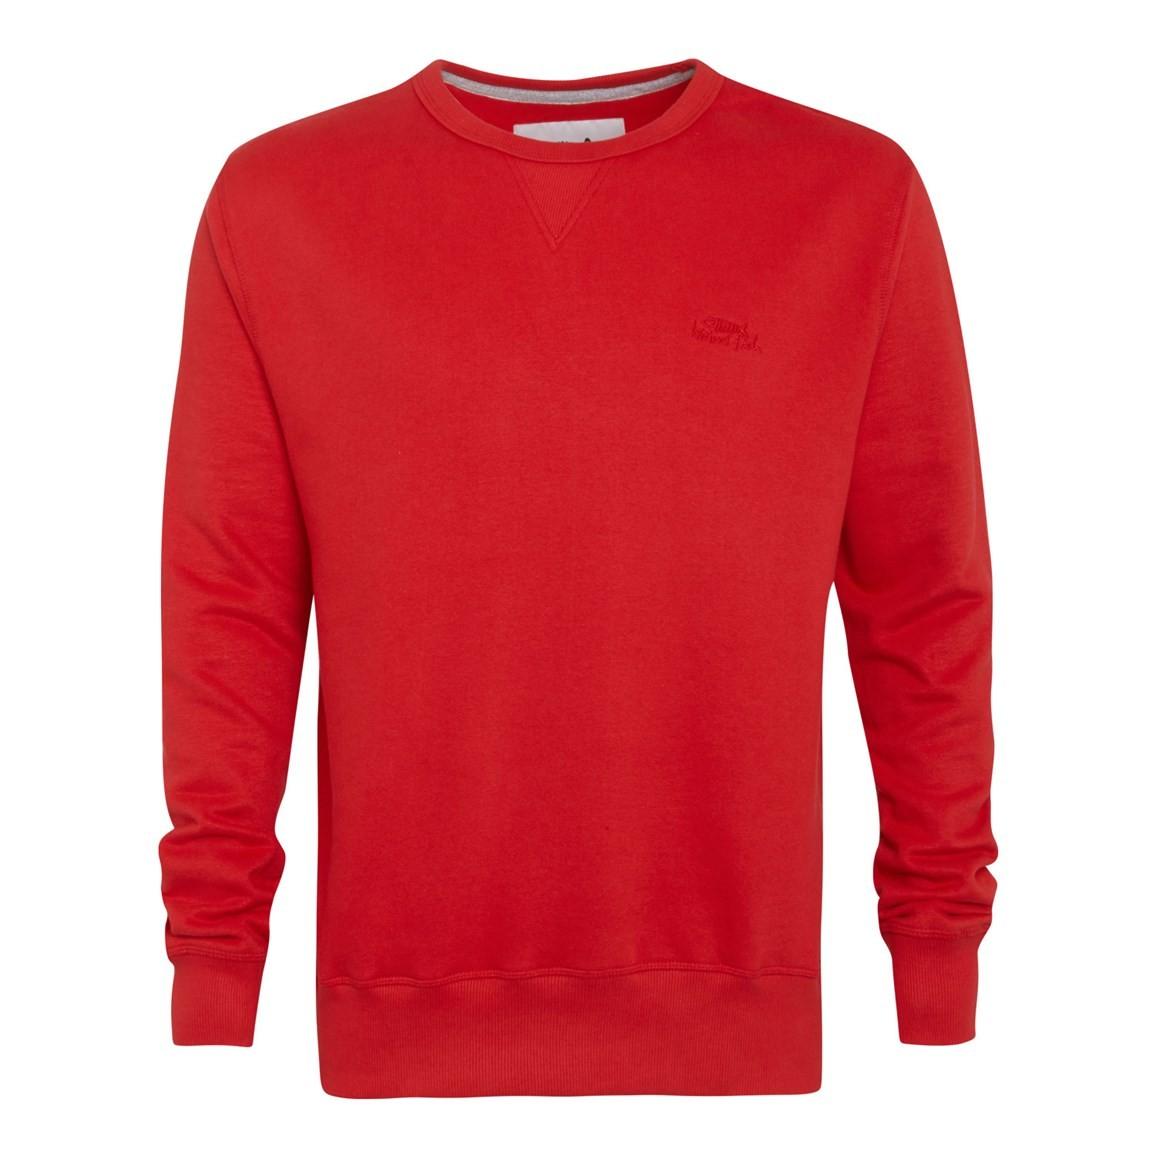 Image of Weird Fish Eyre Crew Neck Sweatshirt Mars Red Size XL